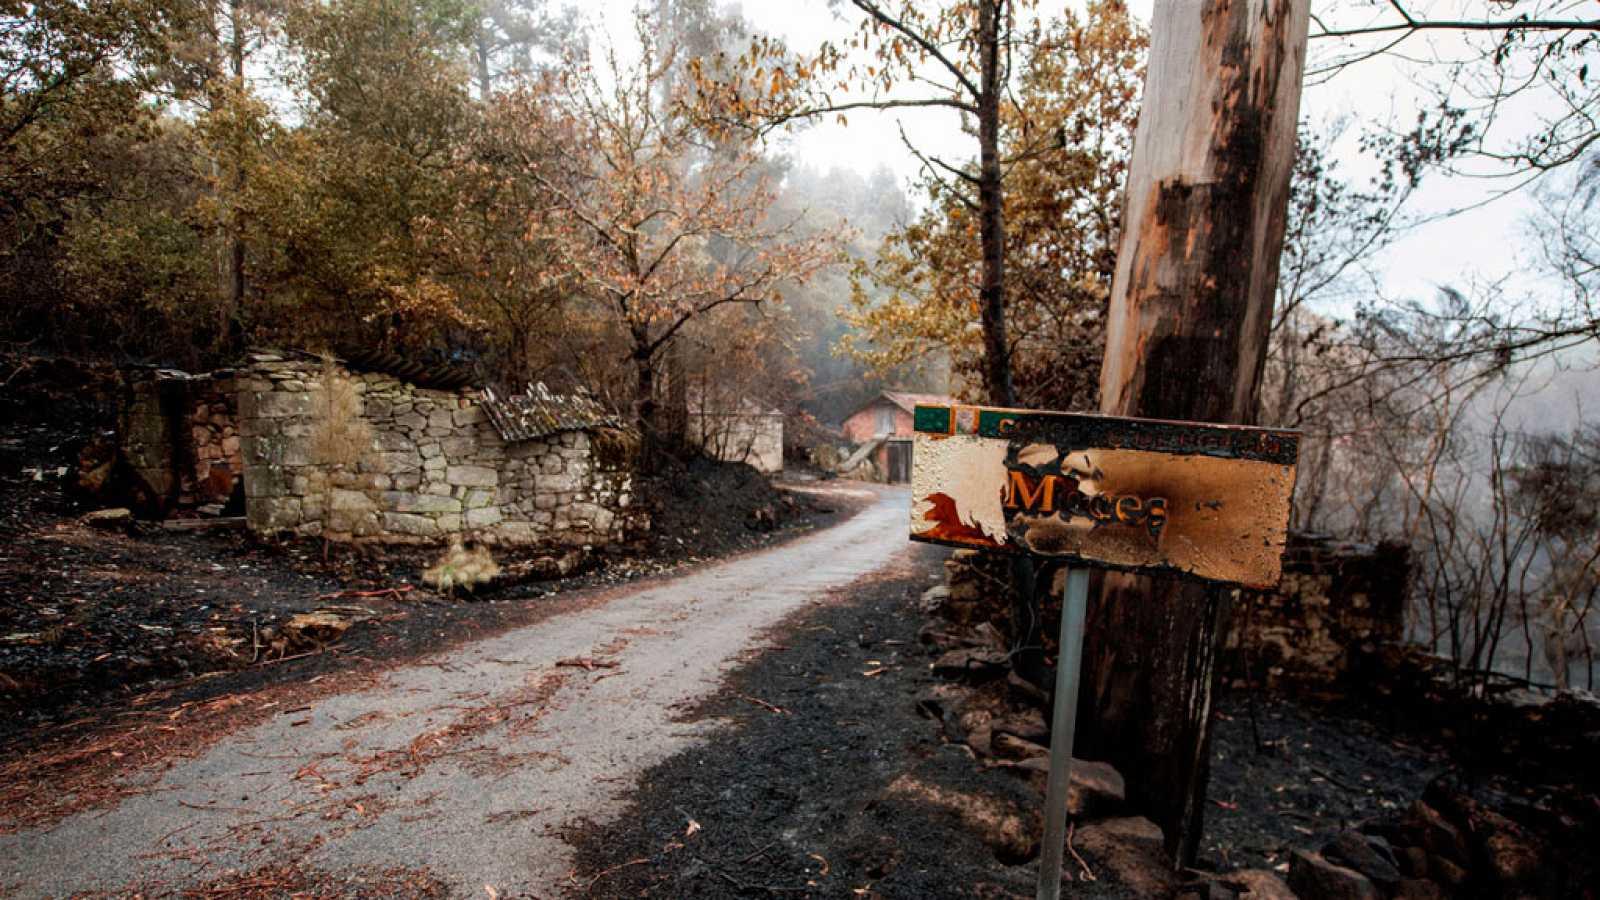 Galiza, incendios: La Xunta admite que en As Fragas do Eume han ardido 750 hectáreas.  - Página 8 4261767?w=1600&preview=1508422585561